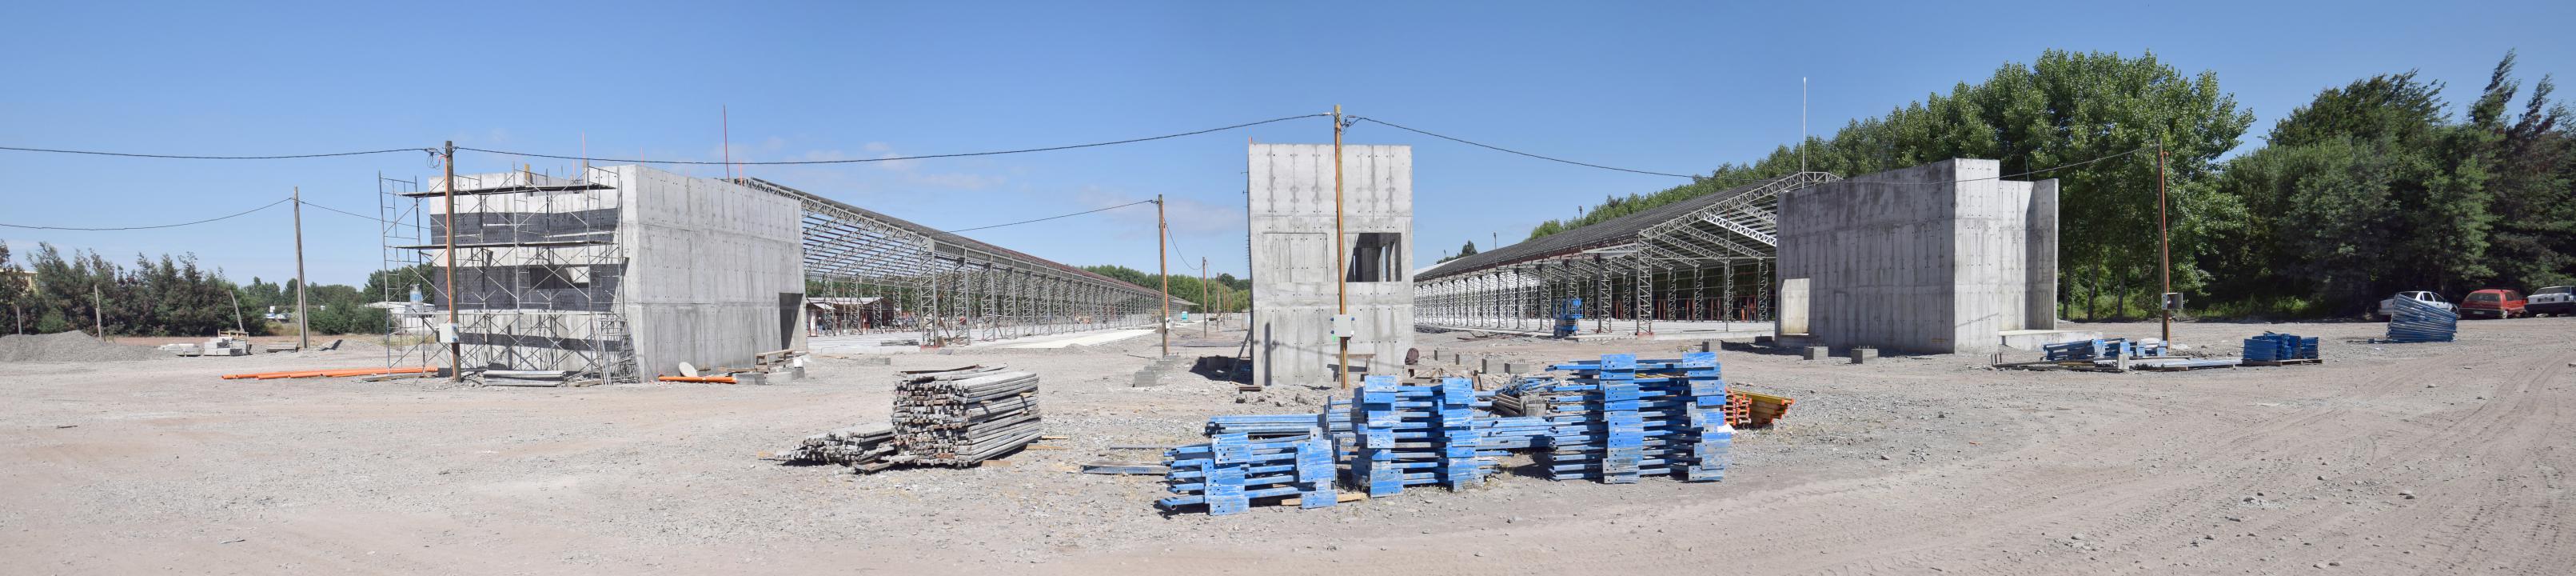 PANORAMICA Terminal Hortofrutícola de Chillán